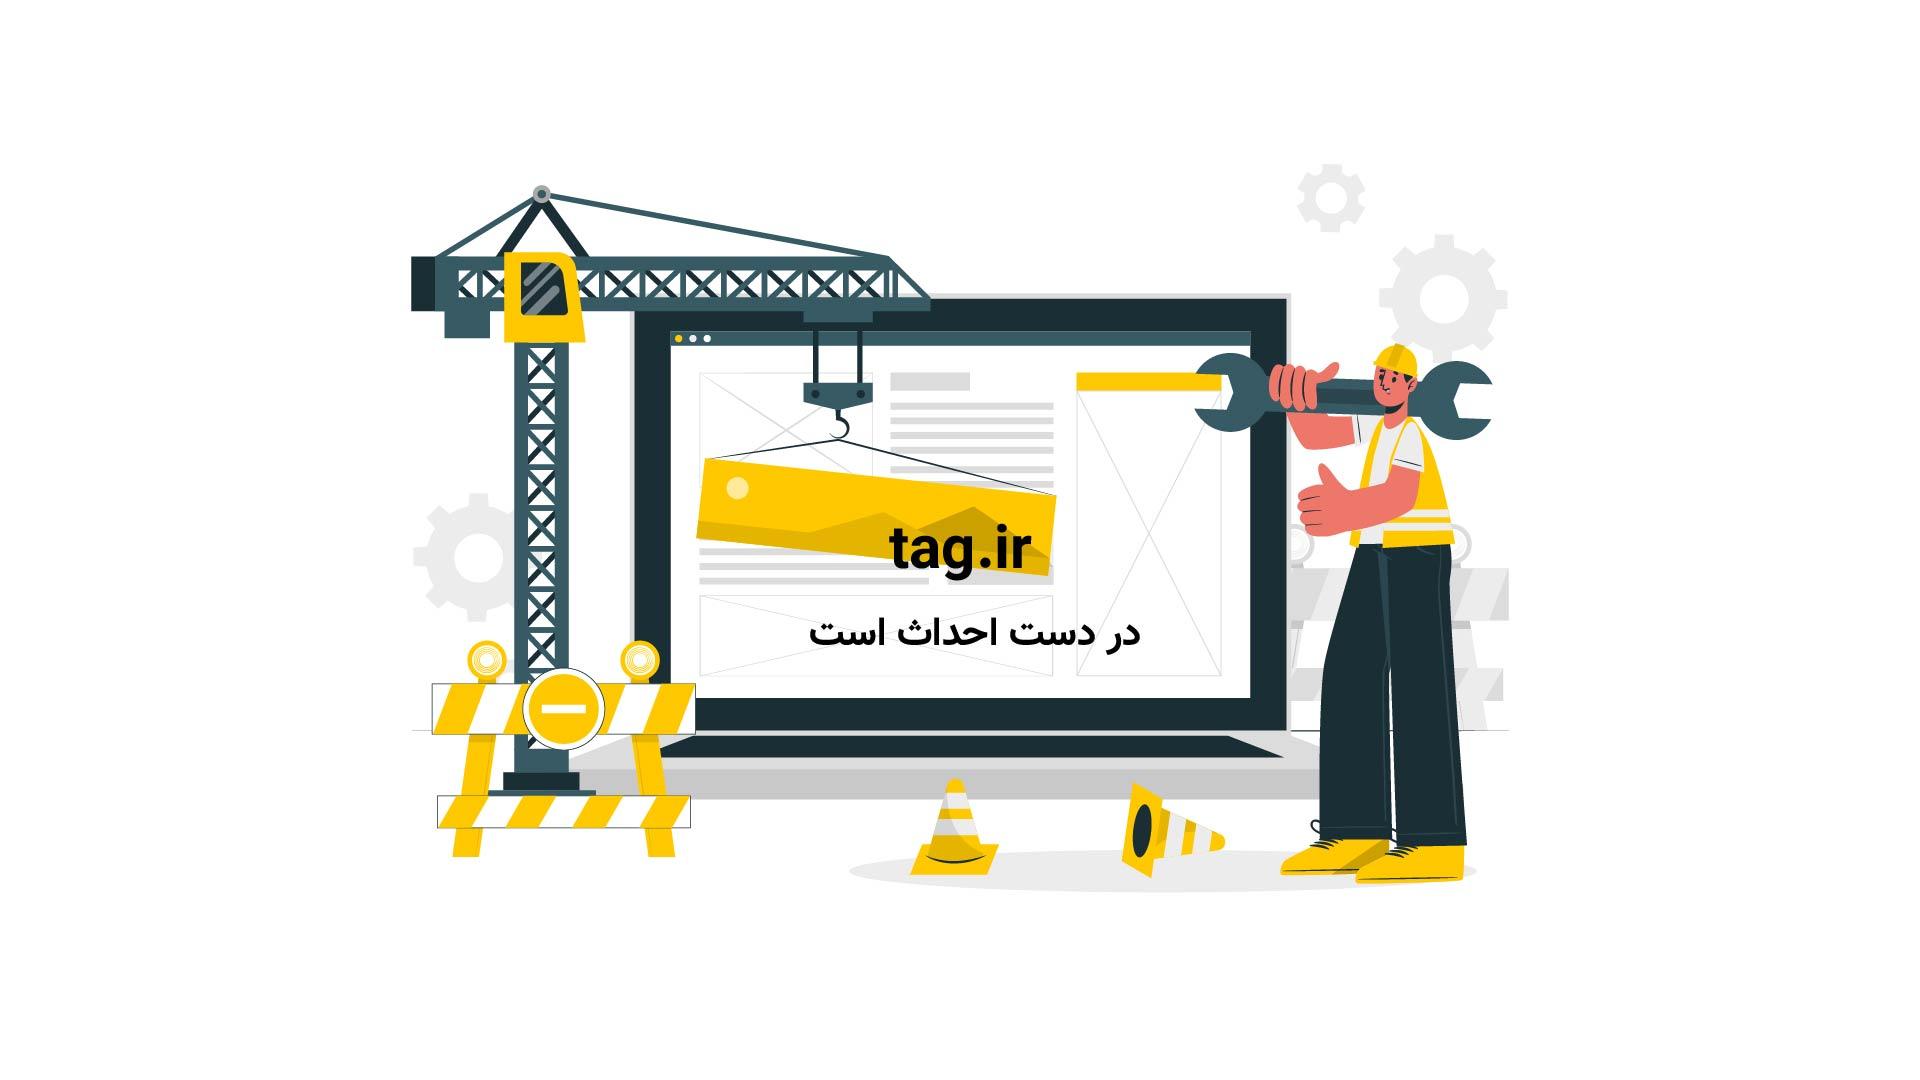 نبرد عقابها بر سر لاشه شکار | فیلم